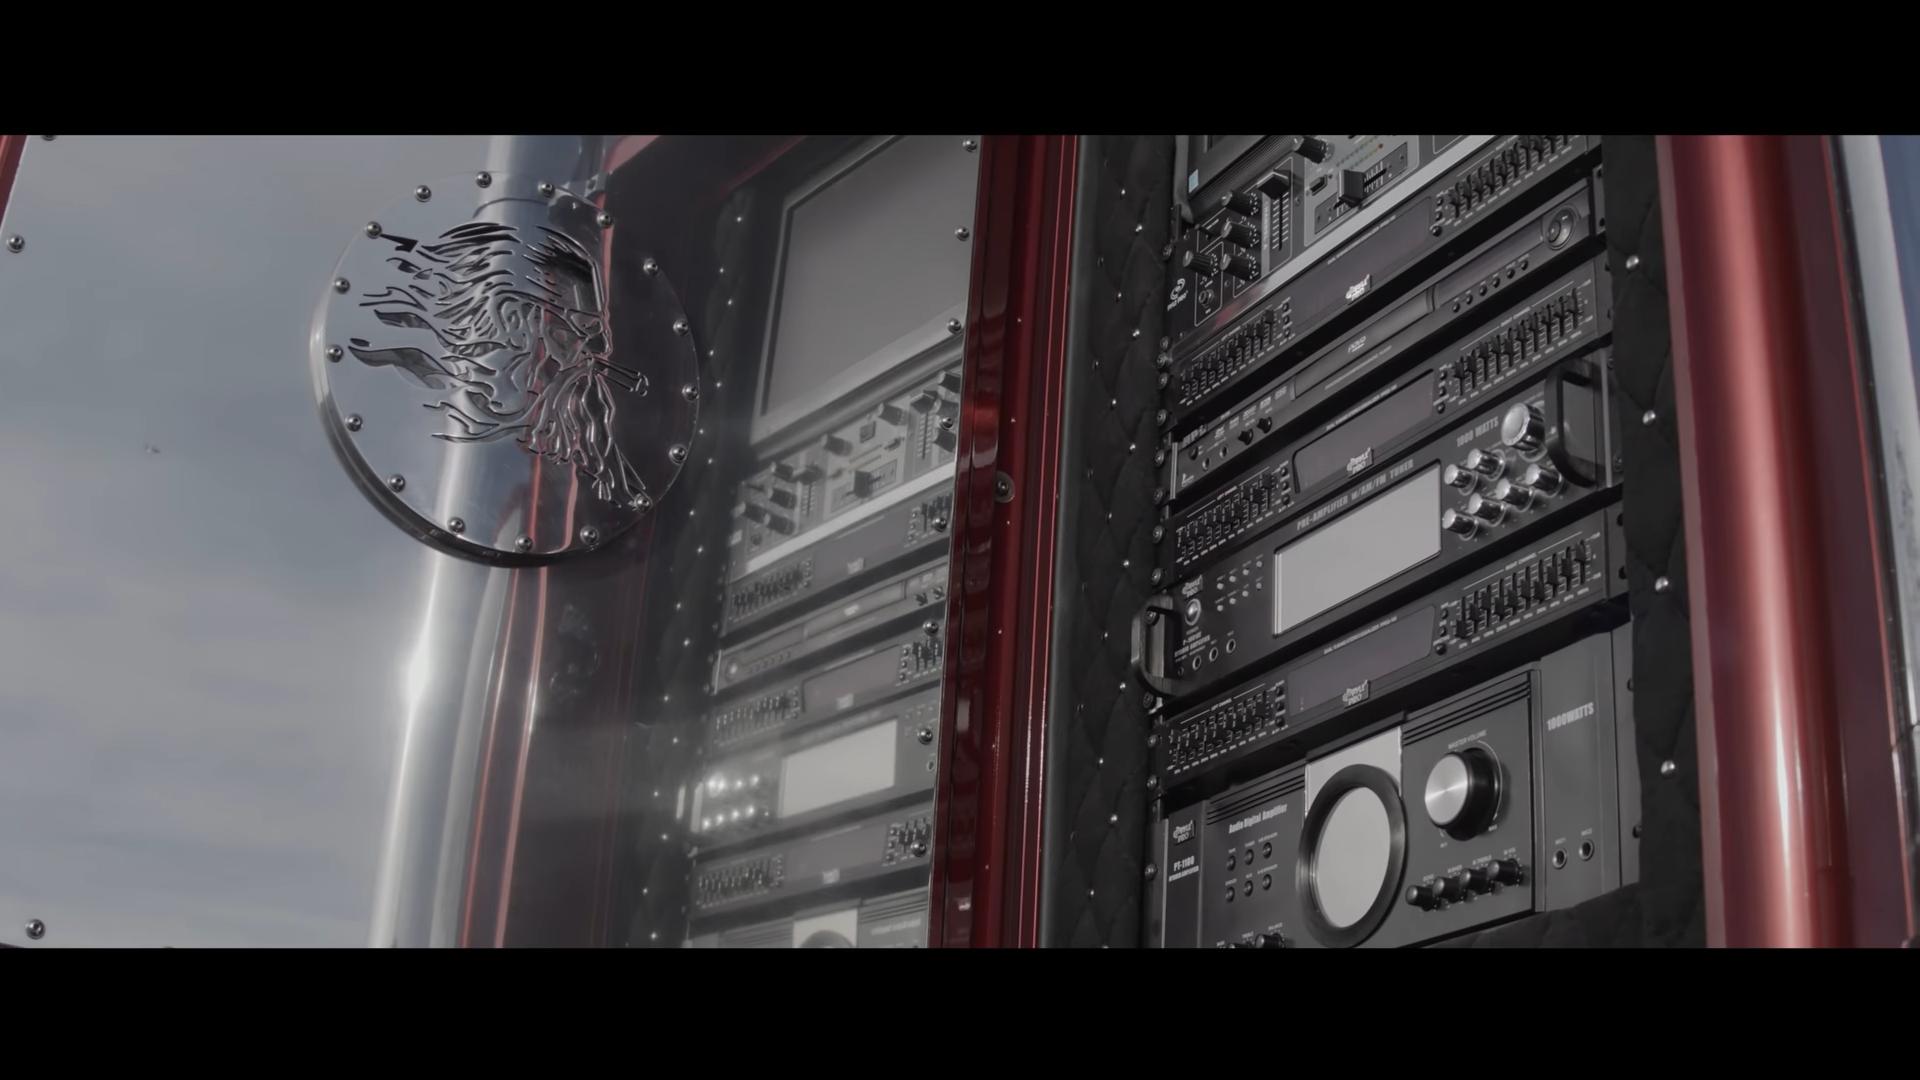 Thor24 geluidsinstallatie